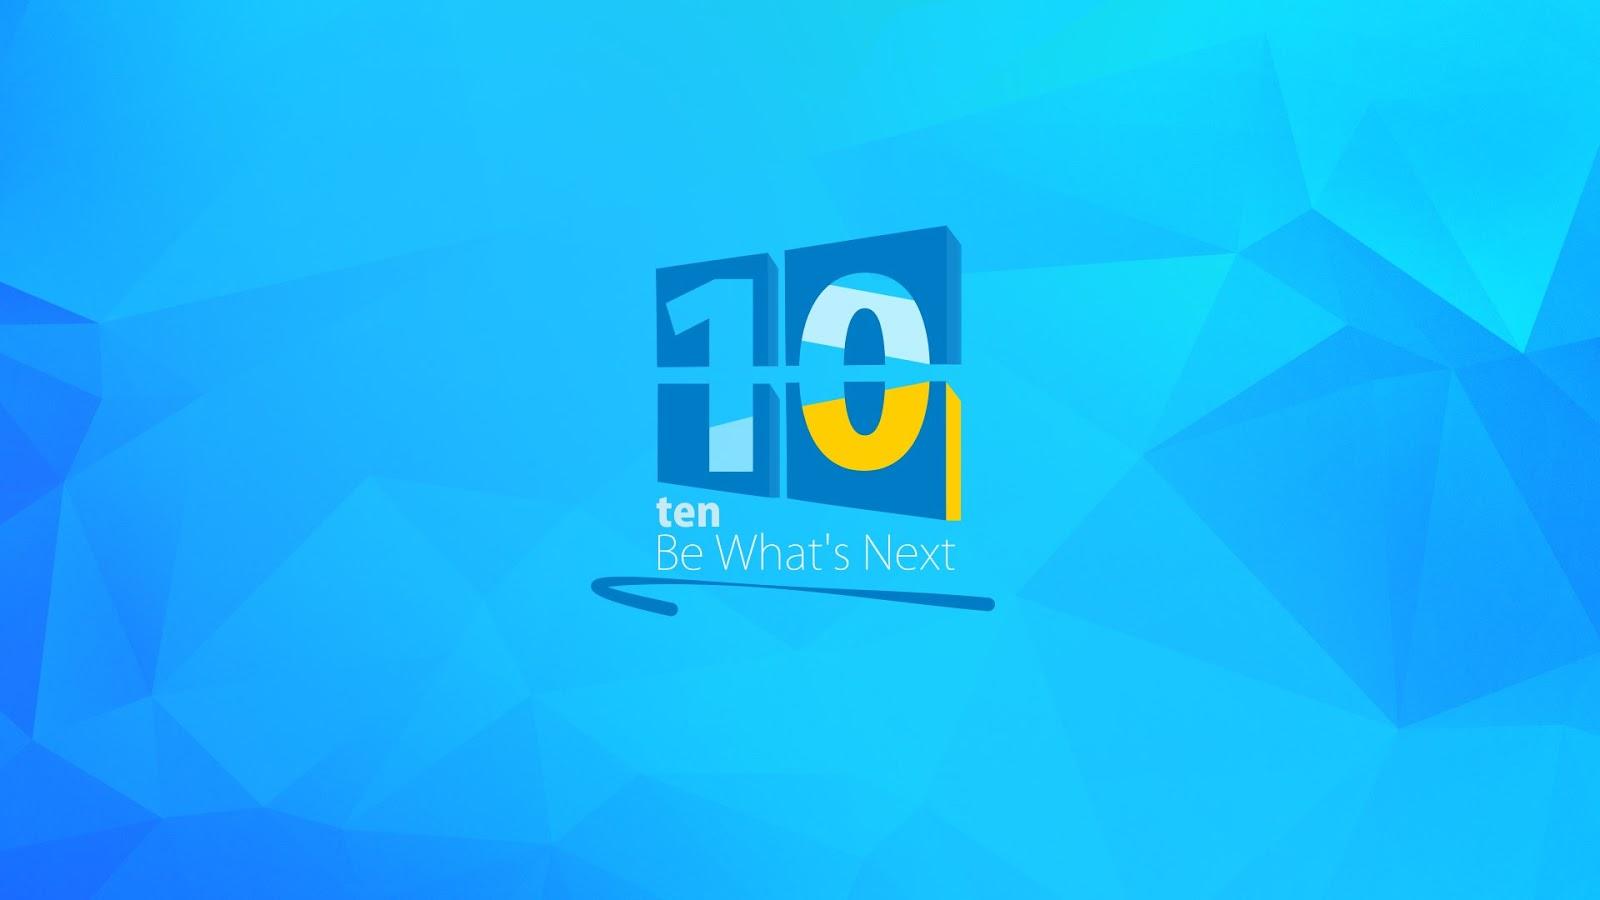 Hd Wallpaper For Windows 7 1080p Bilgisayar 4k Hd Duvar Kağıtları Sekizbir